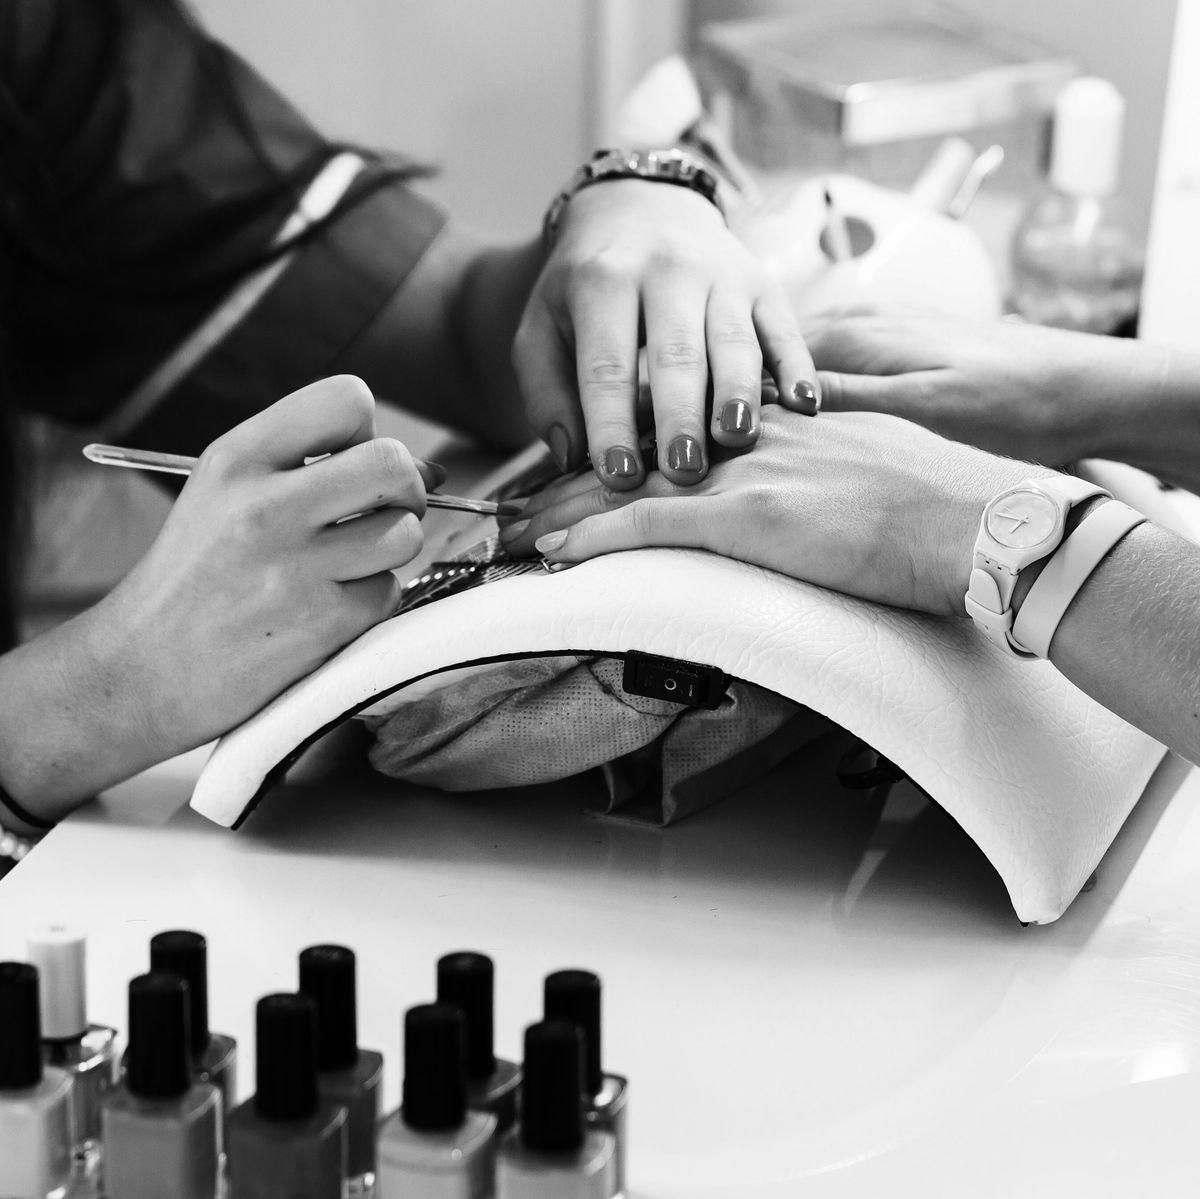 How Are New York Nail Salons Handling Coronavirus?